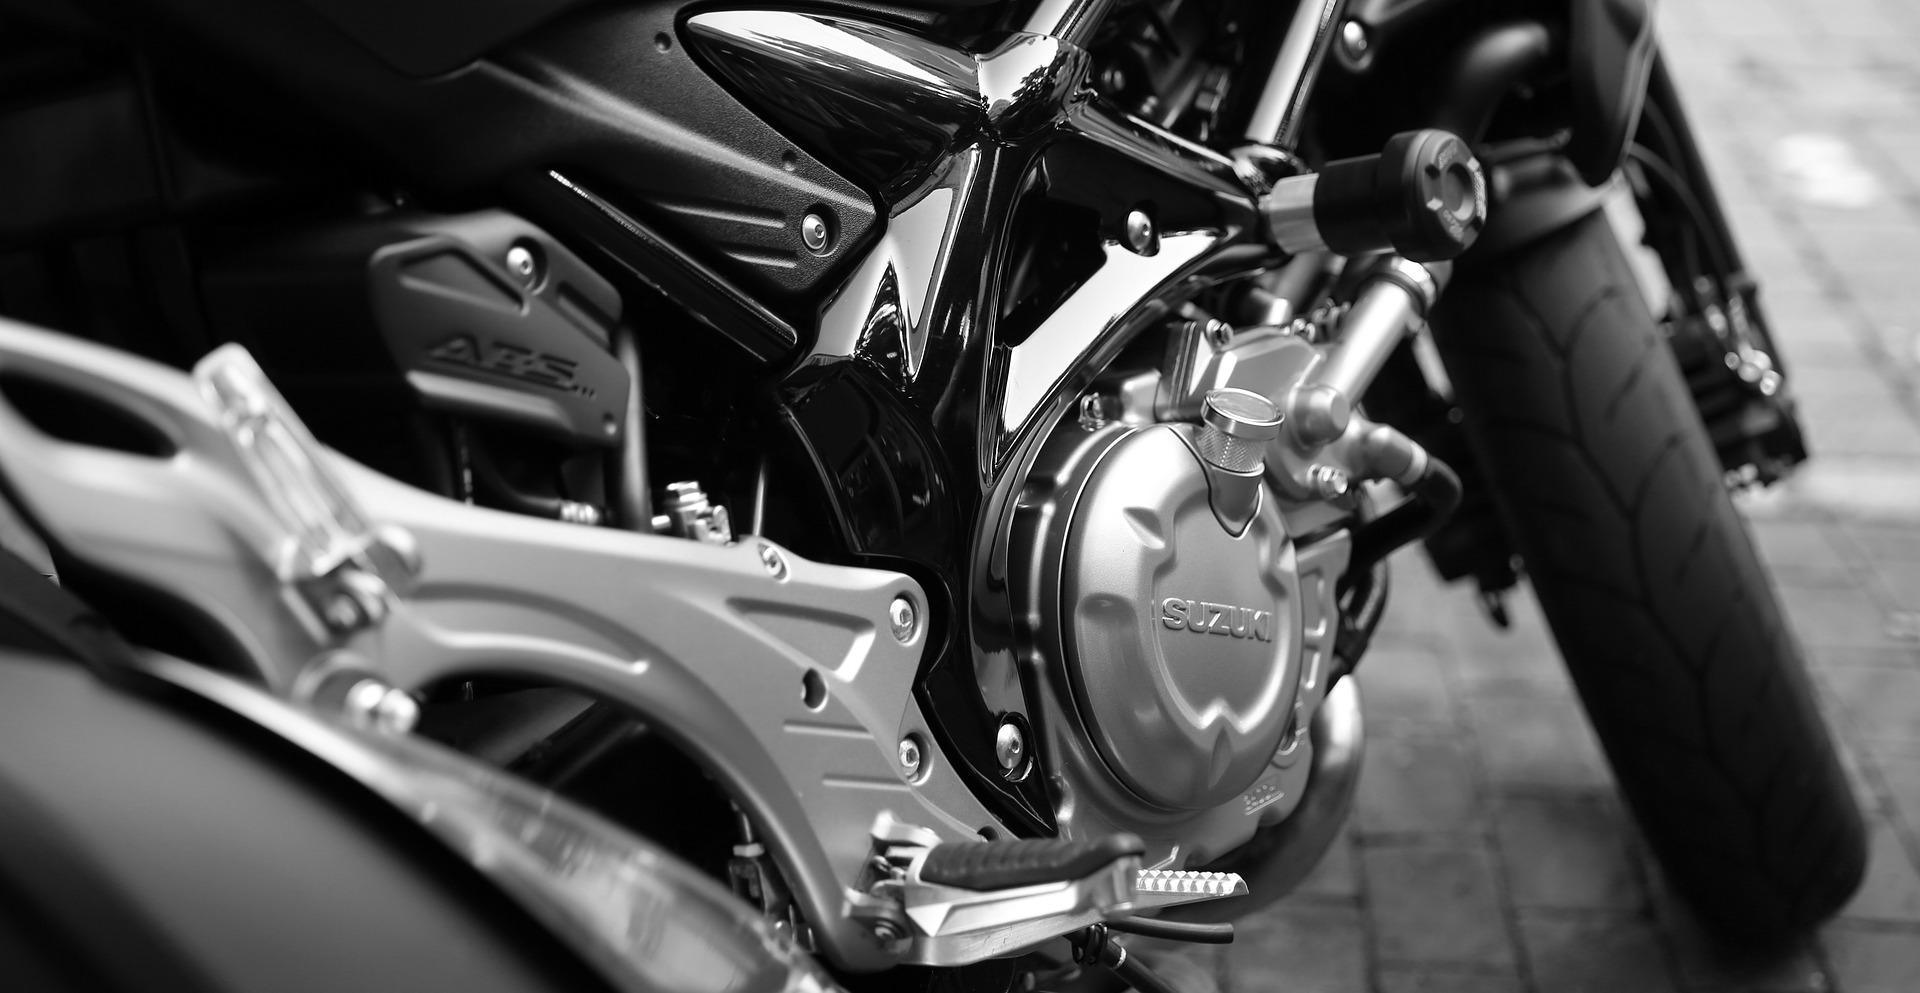 https://0201.nccdn.net/1_2/000/000/17d/c0f/motorcycle-410165_1920.jpg